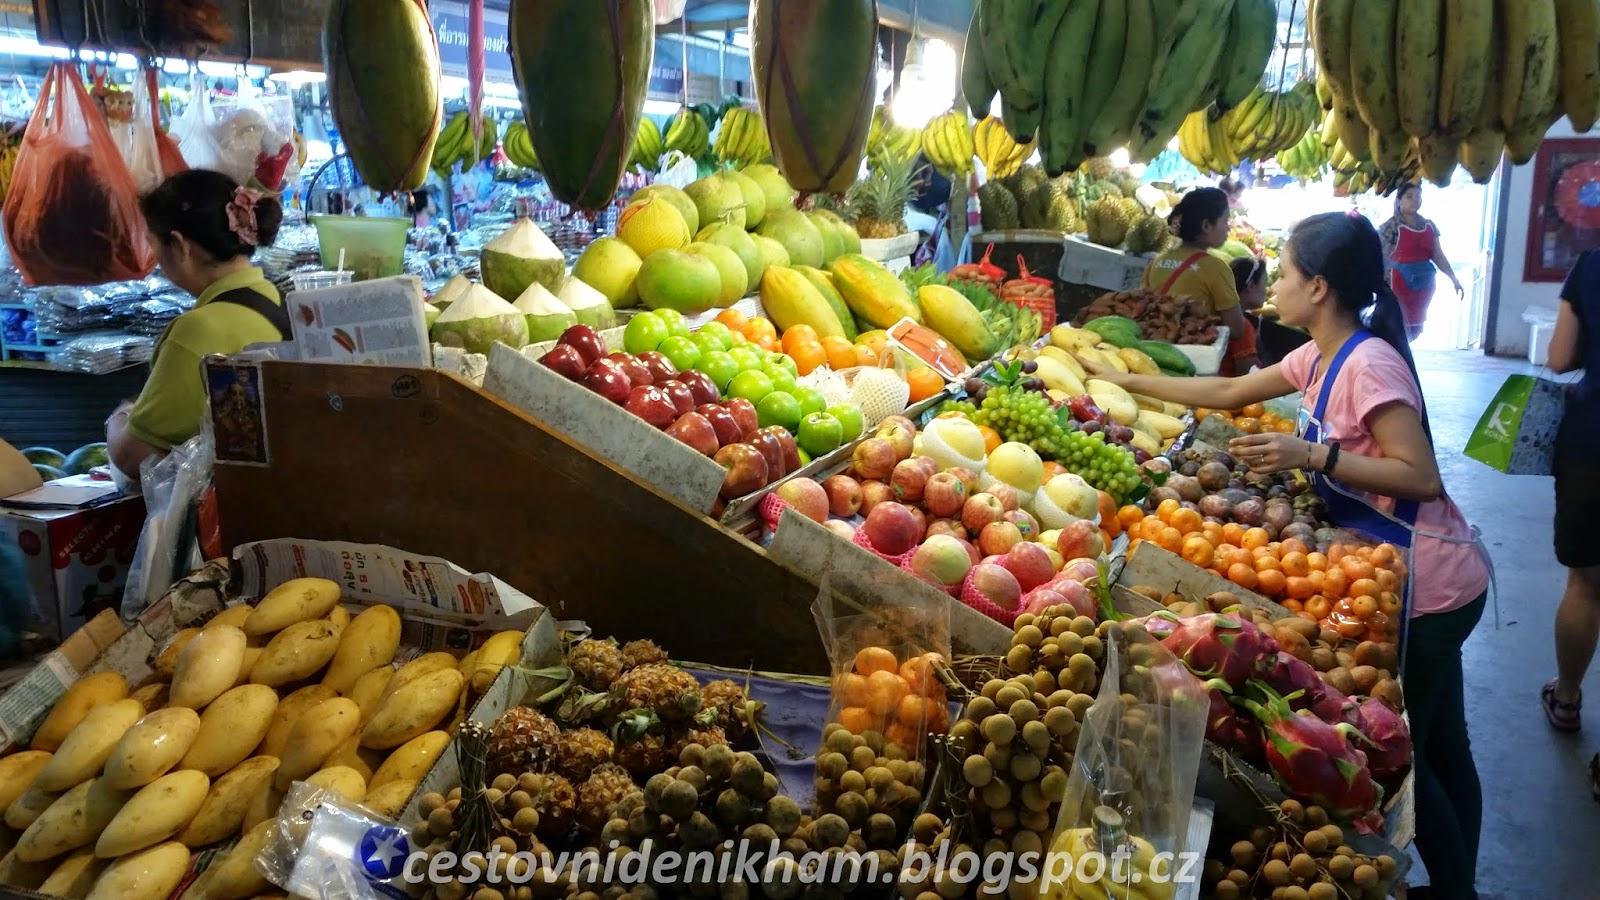 Ovocný trh // Fruit Market